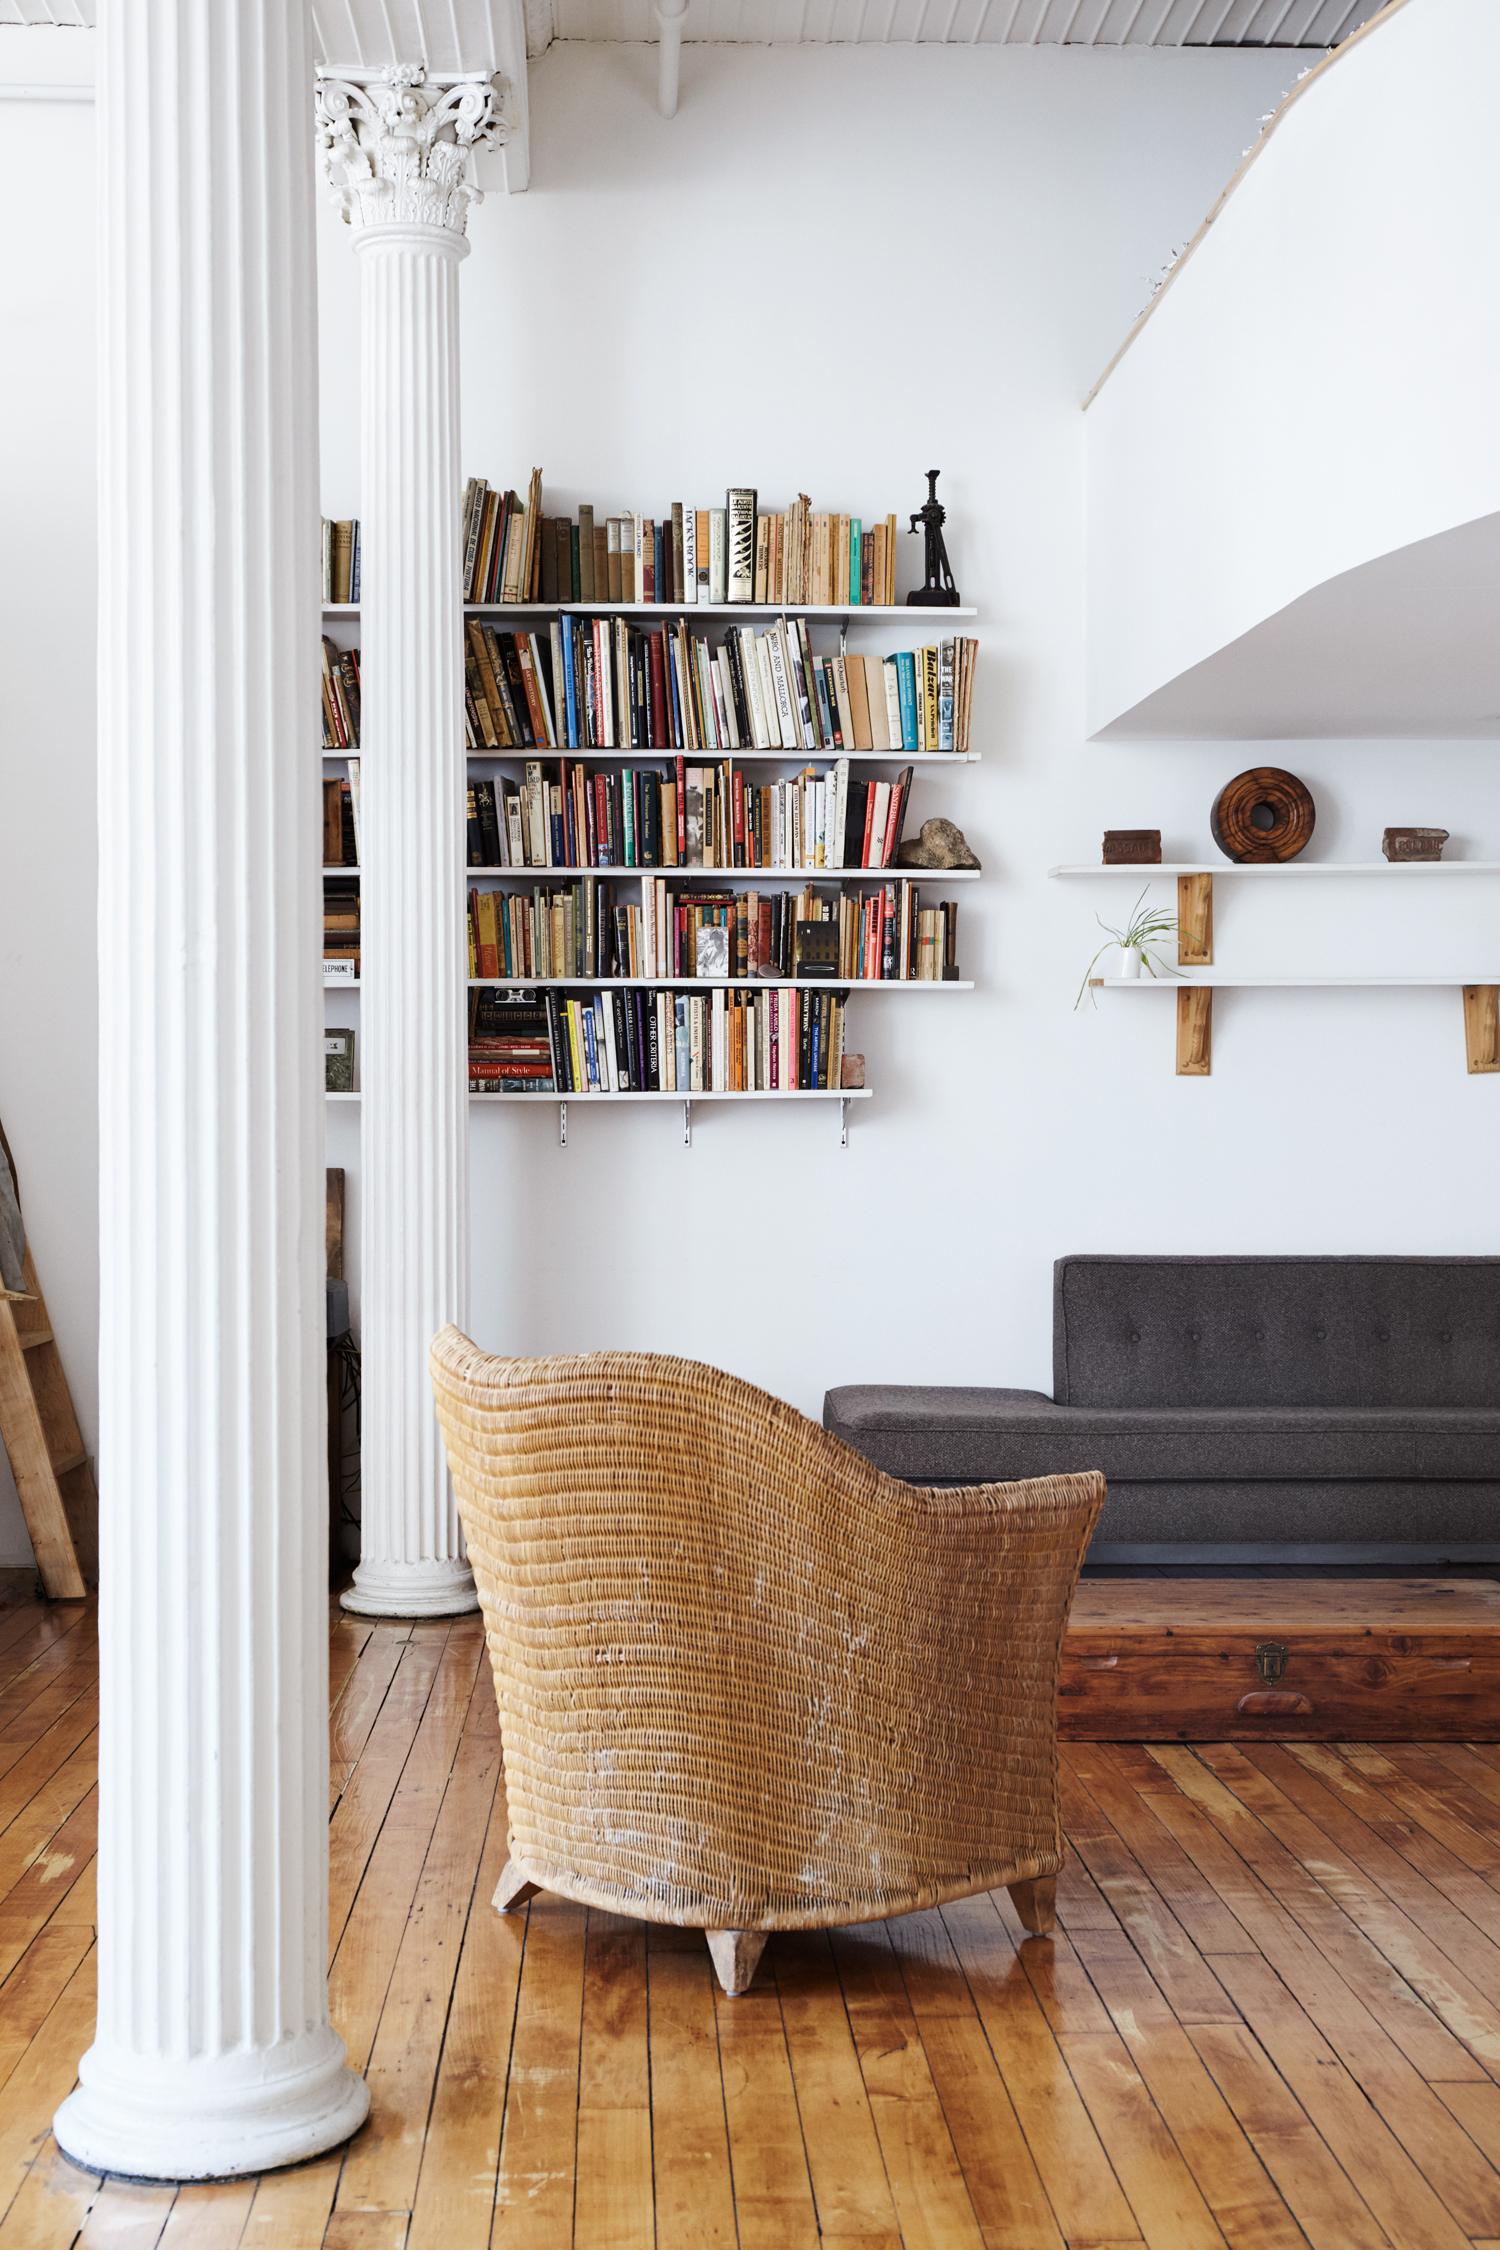 Come Arredare Piccole Case arredare con i libri: 24 idee da copiare - livingcorriere